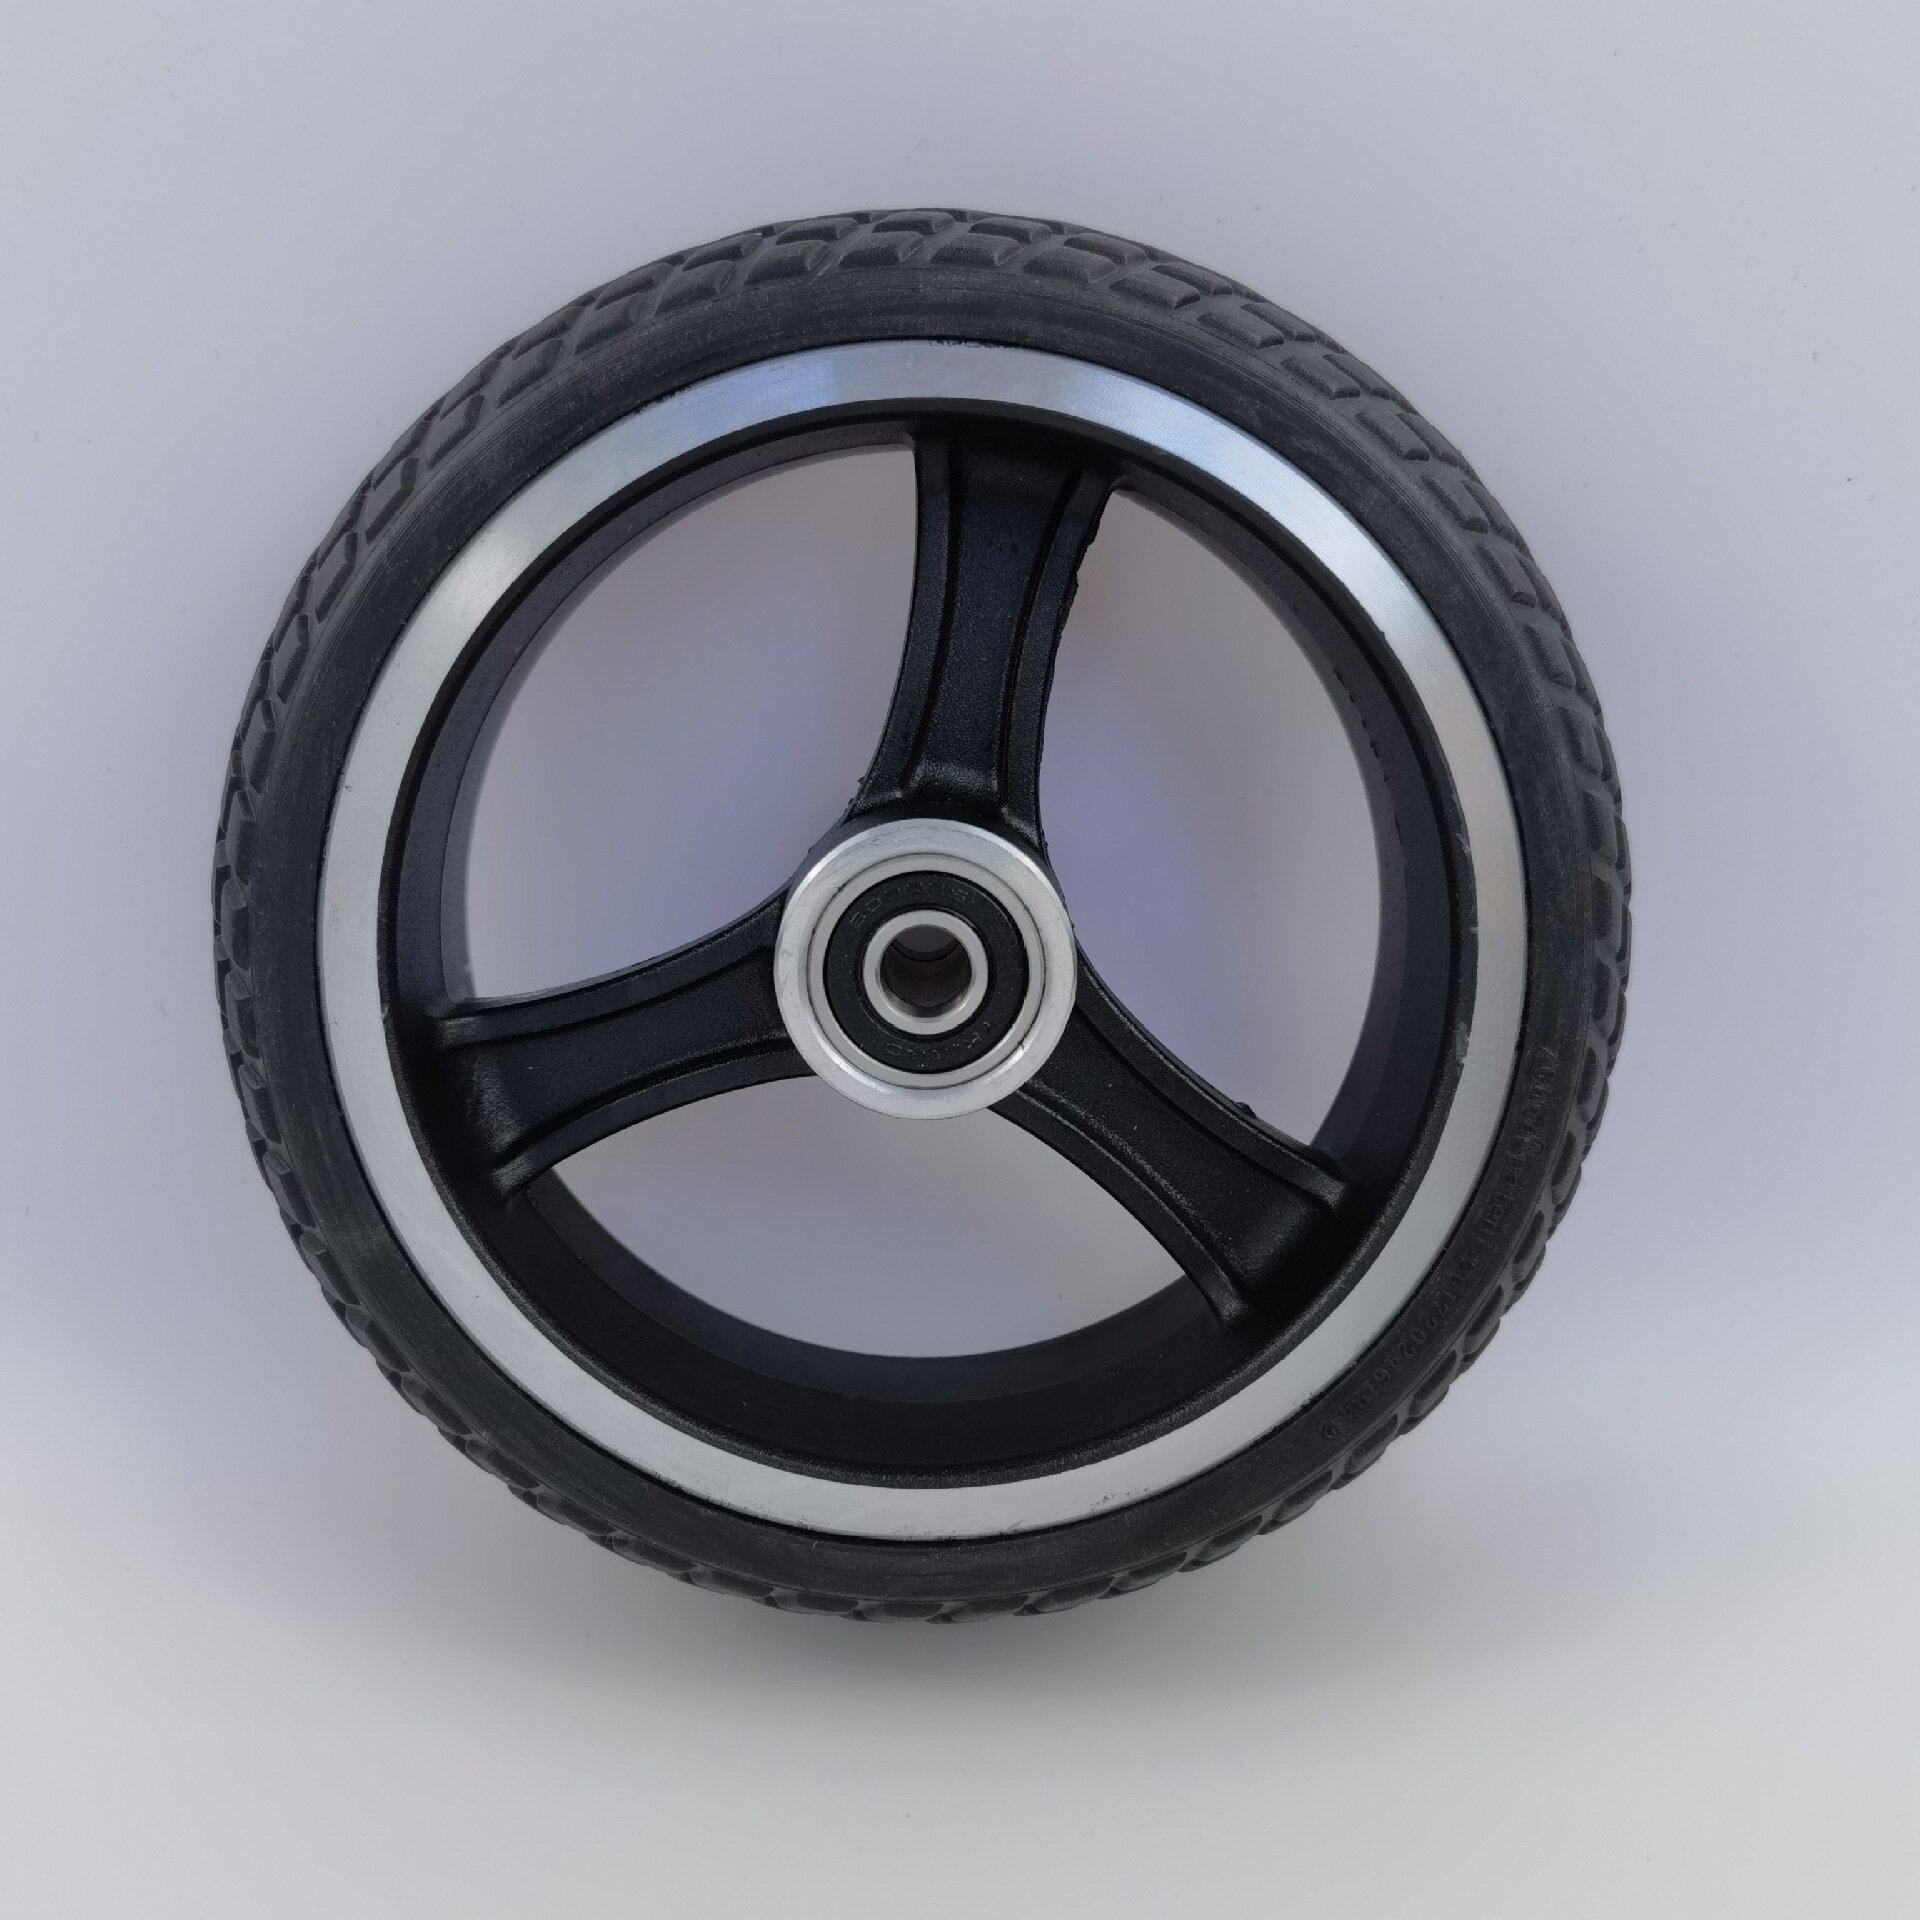 Buje de rueda trasera de scooter eléctrico de 5